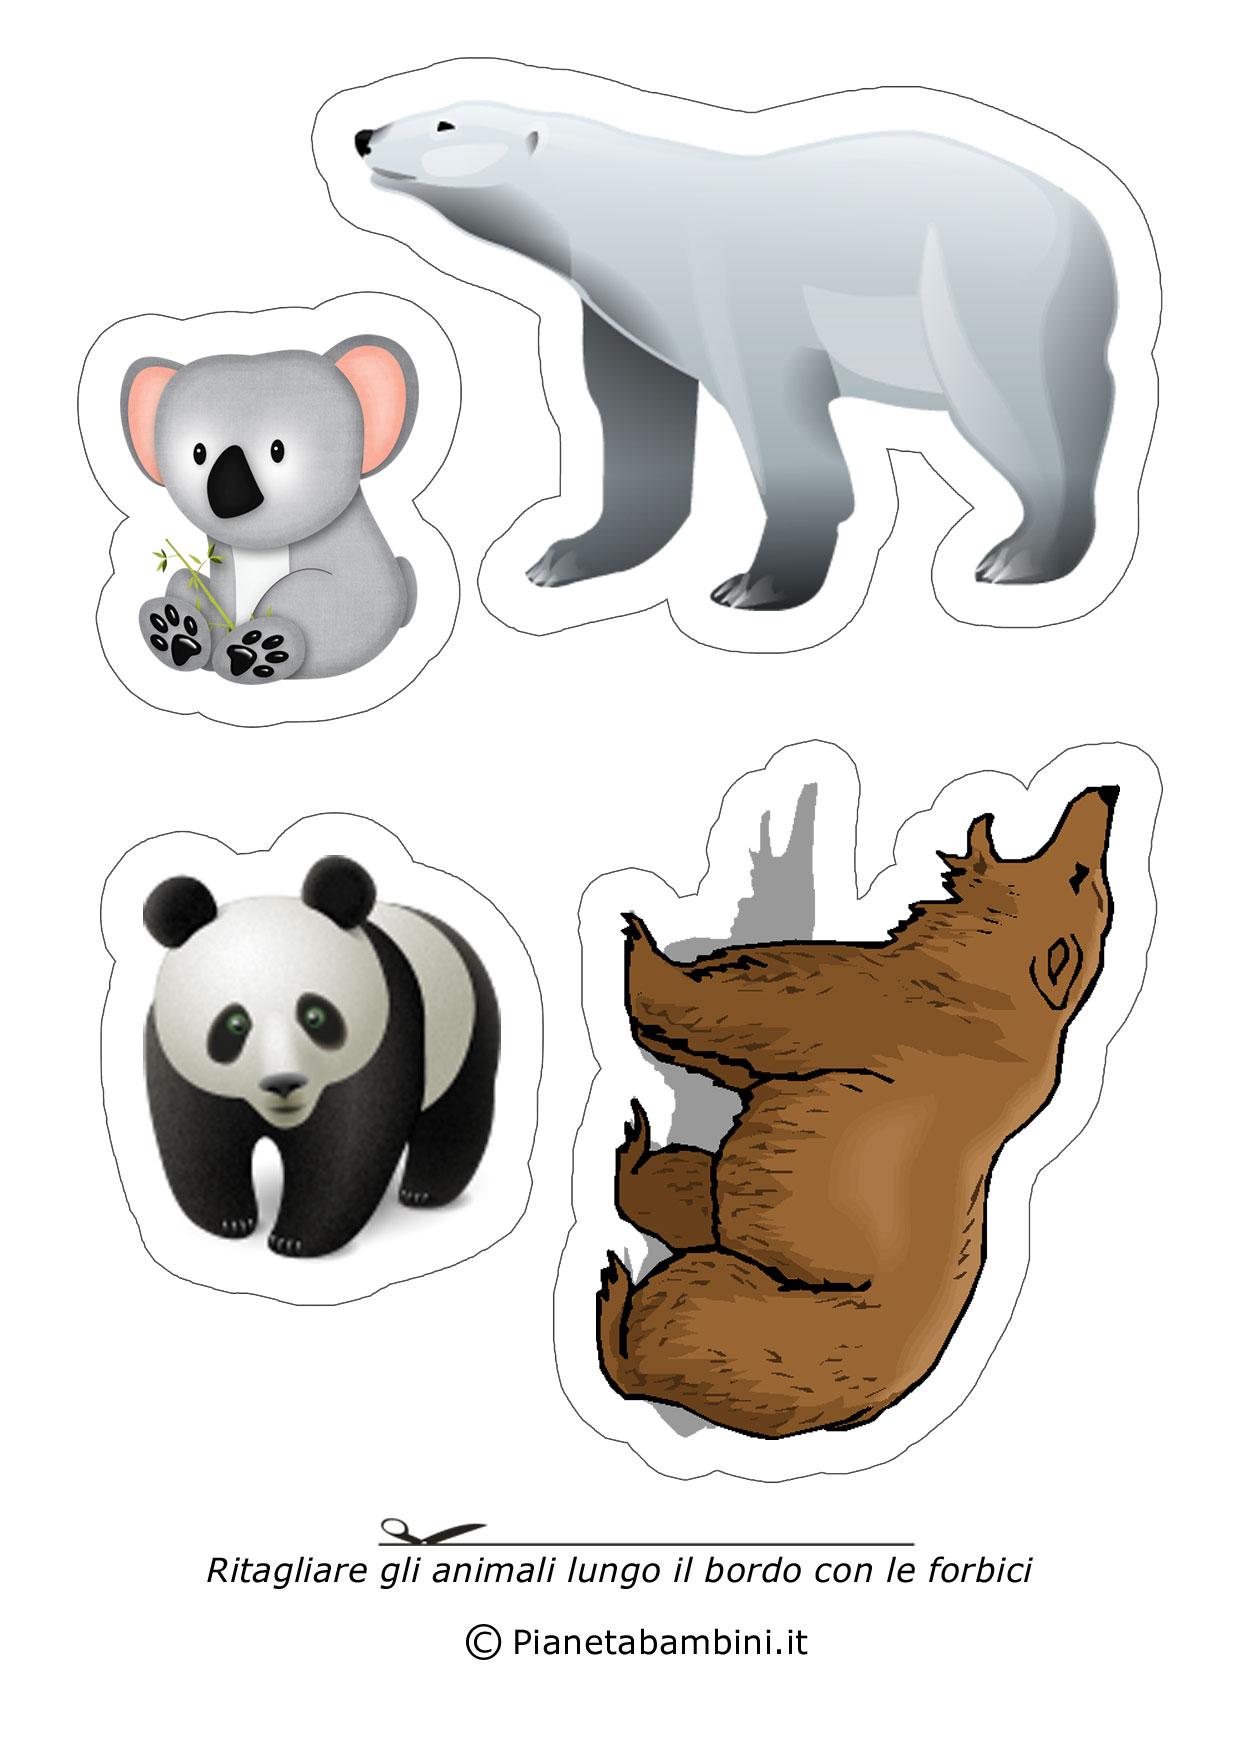 Disegni di animali da ritagliare e incollare per bambini - Animali terrestri per bambini ...